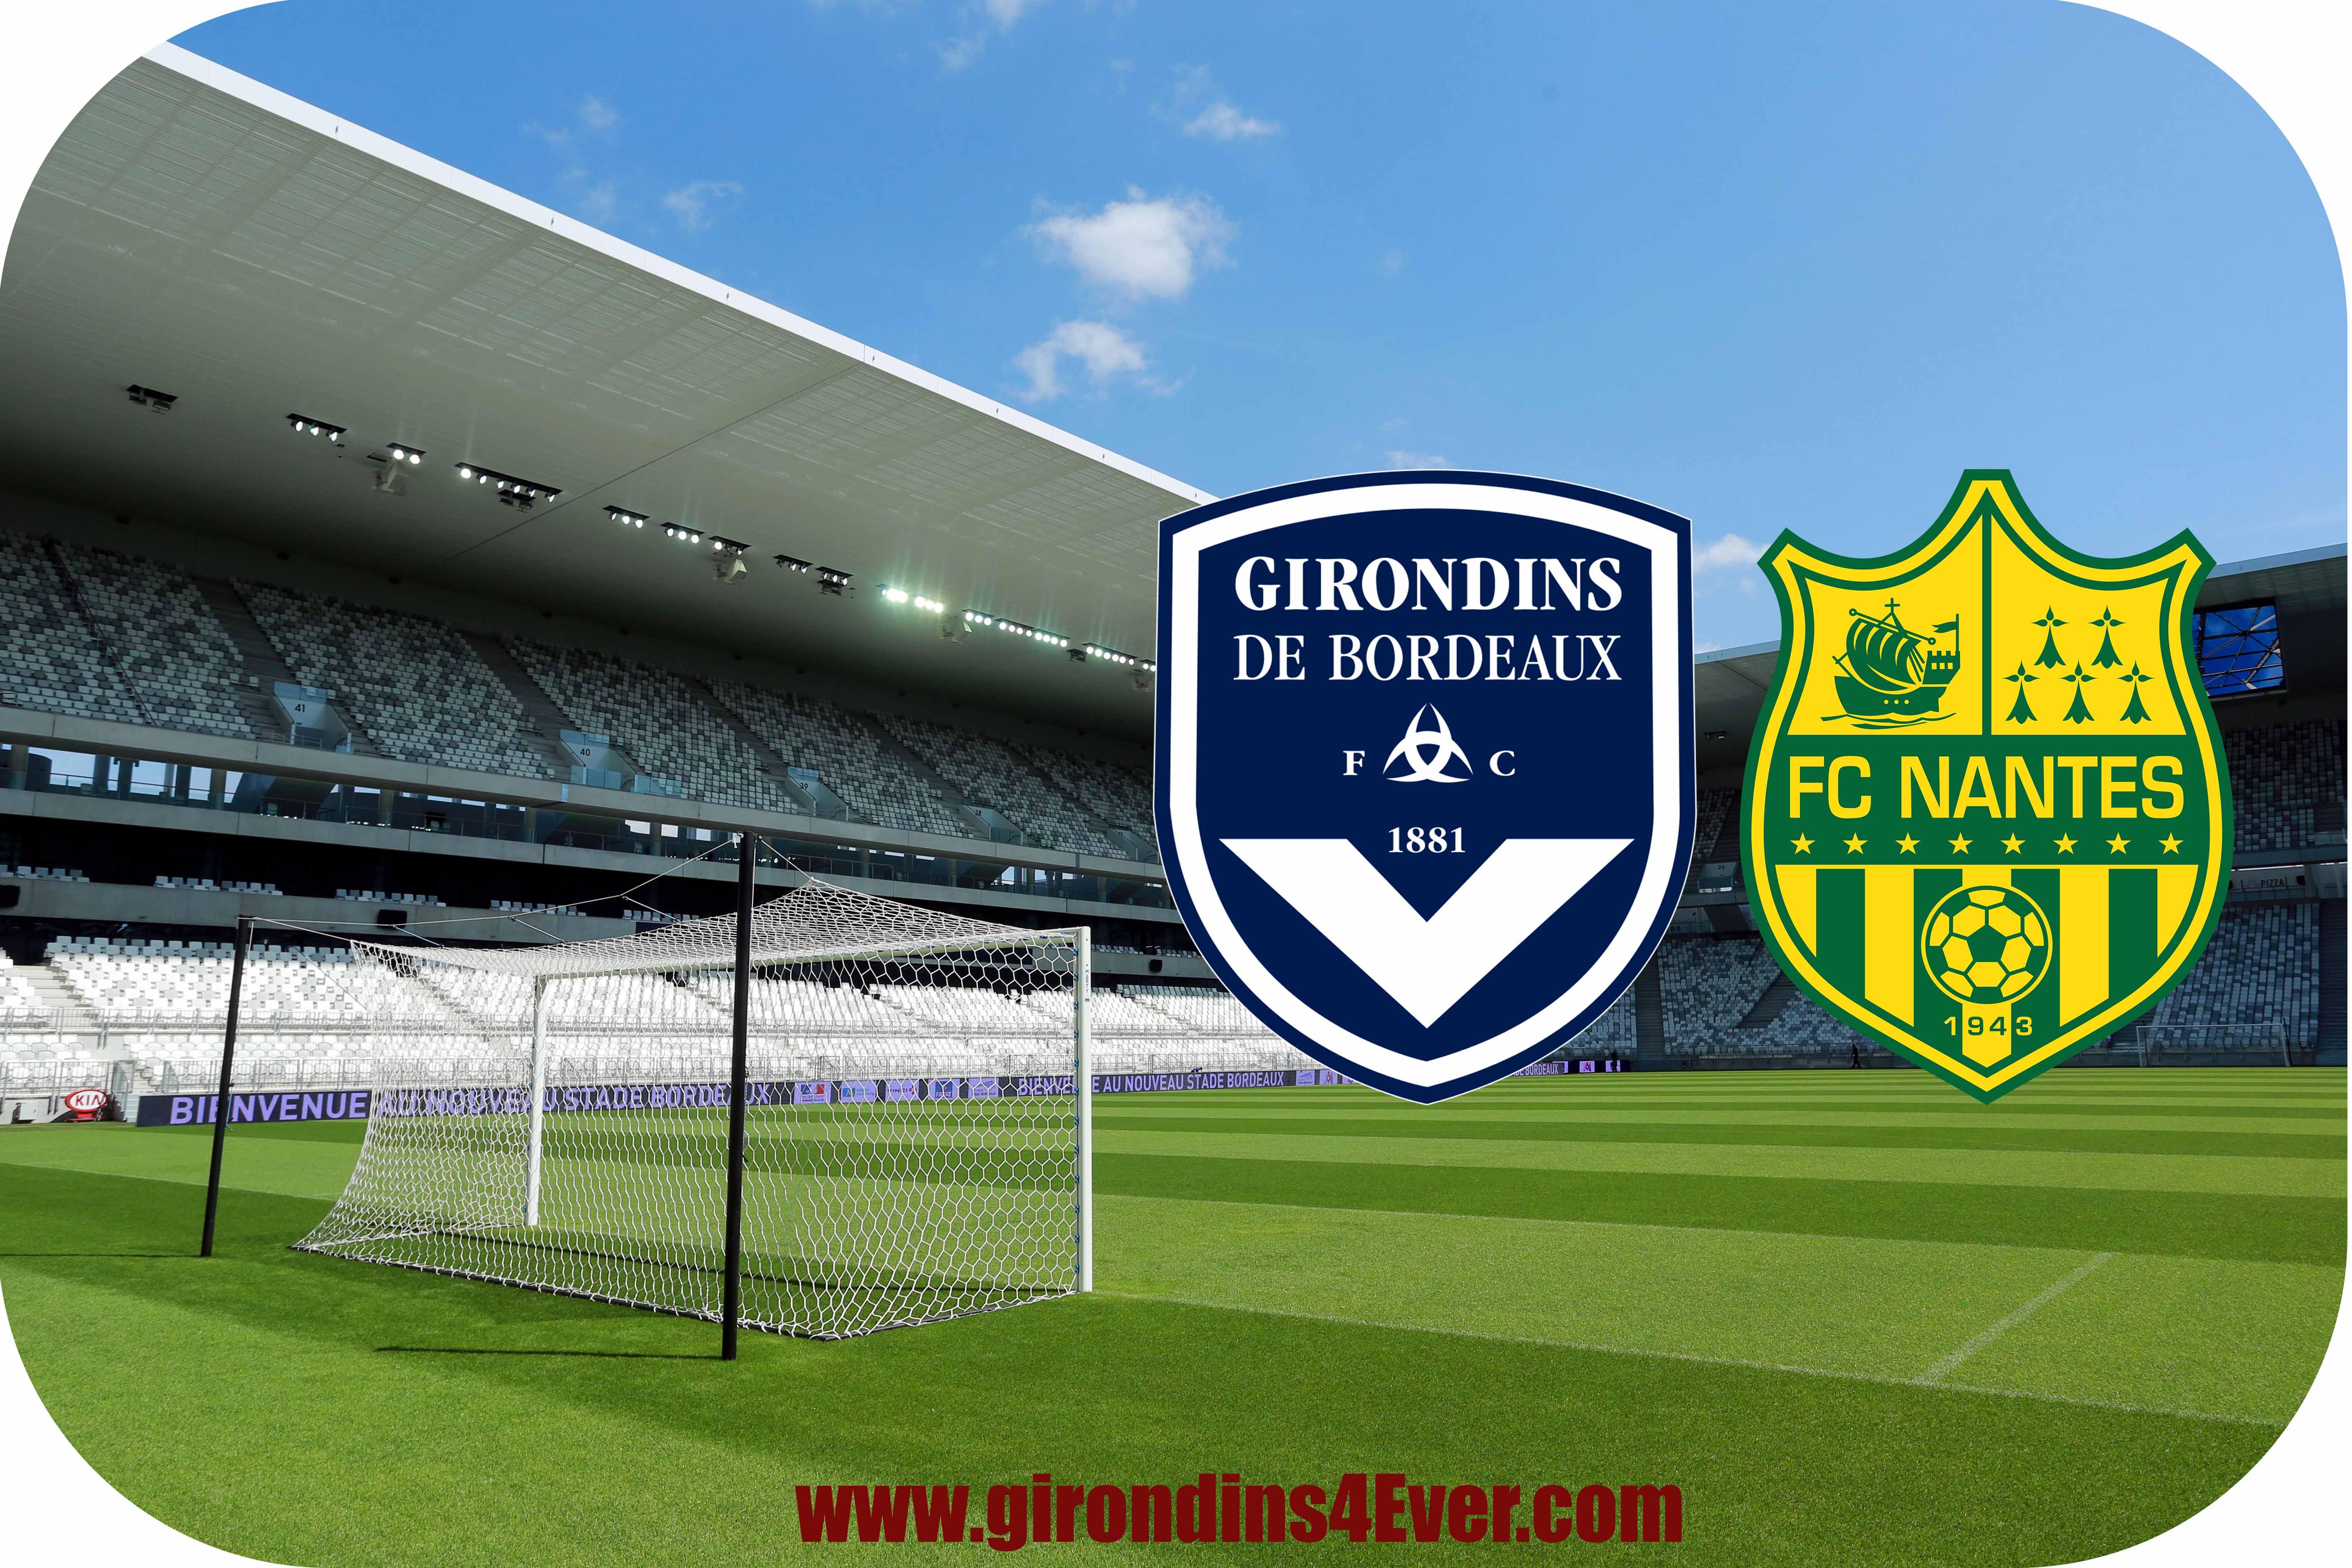 FC Nantes Le club invite gratuitement 1000 supporters à Bordeaux